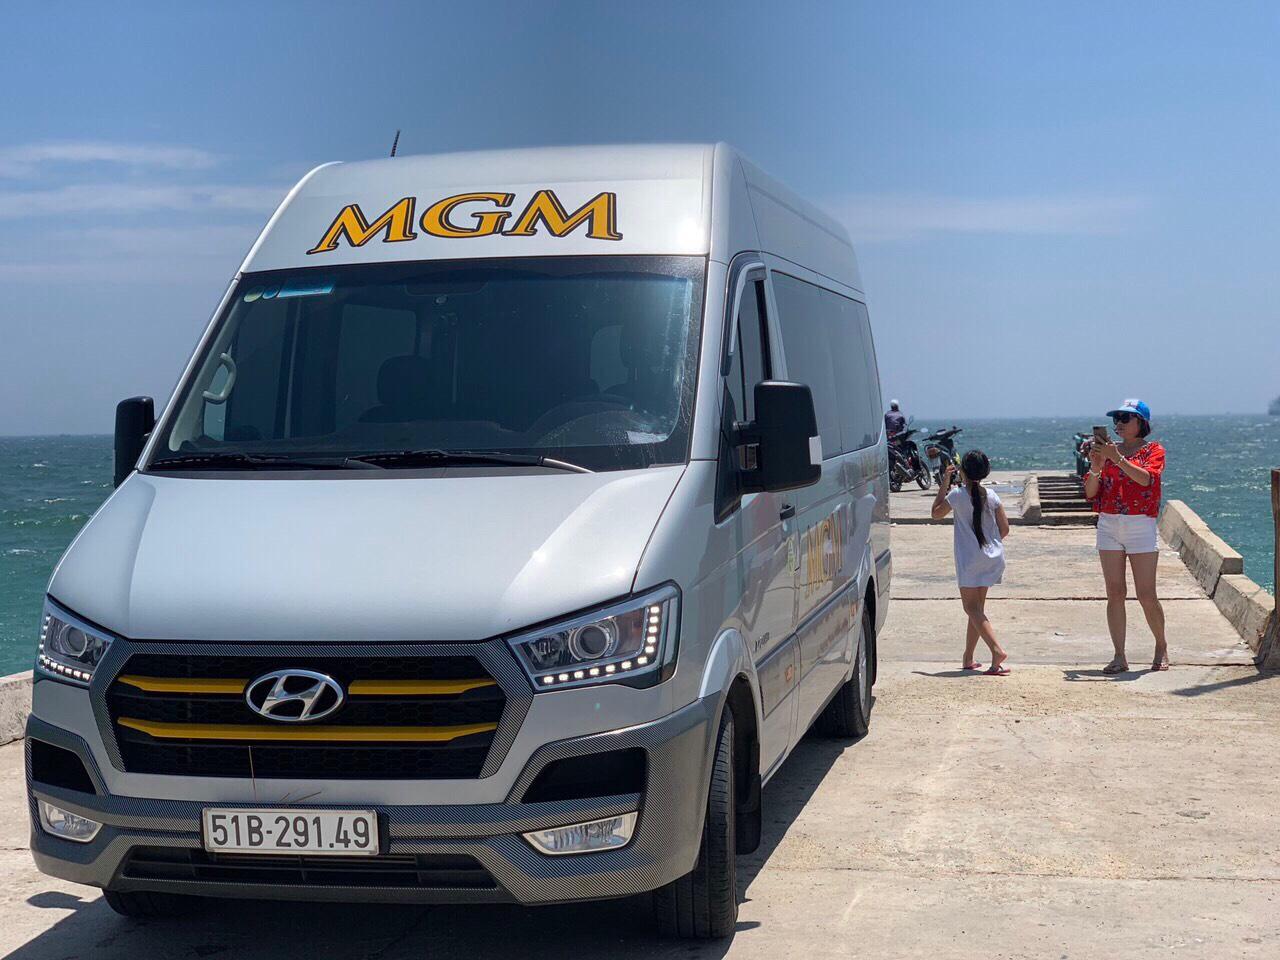 MGMcar chuyên cung cấp xe chất lượng với mức giá hợp lý